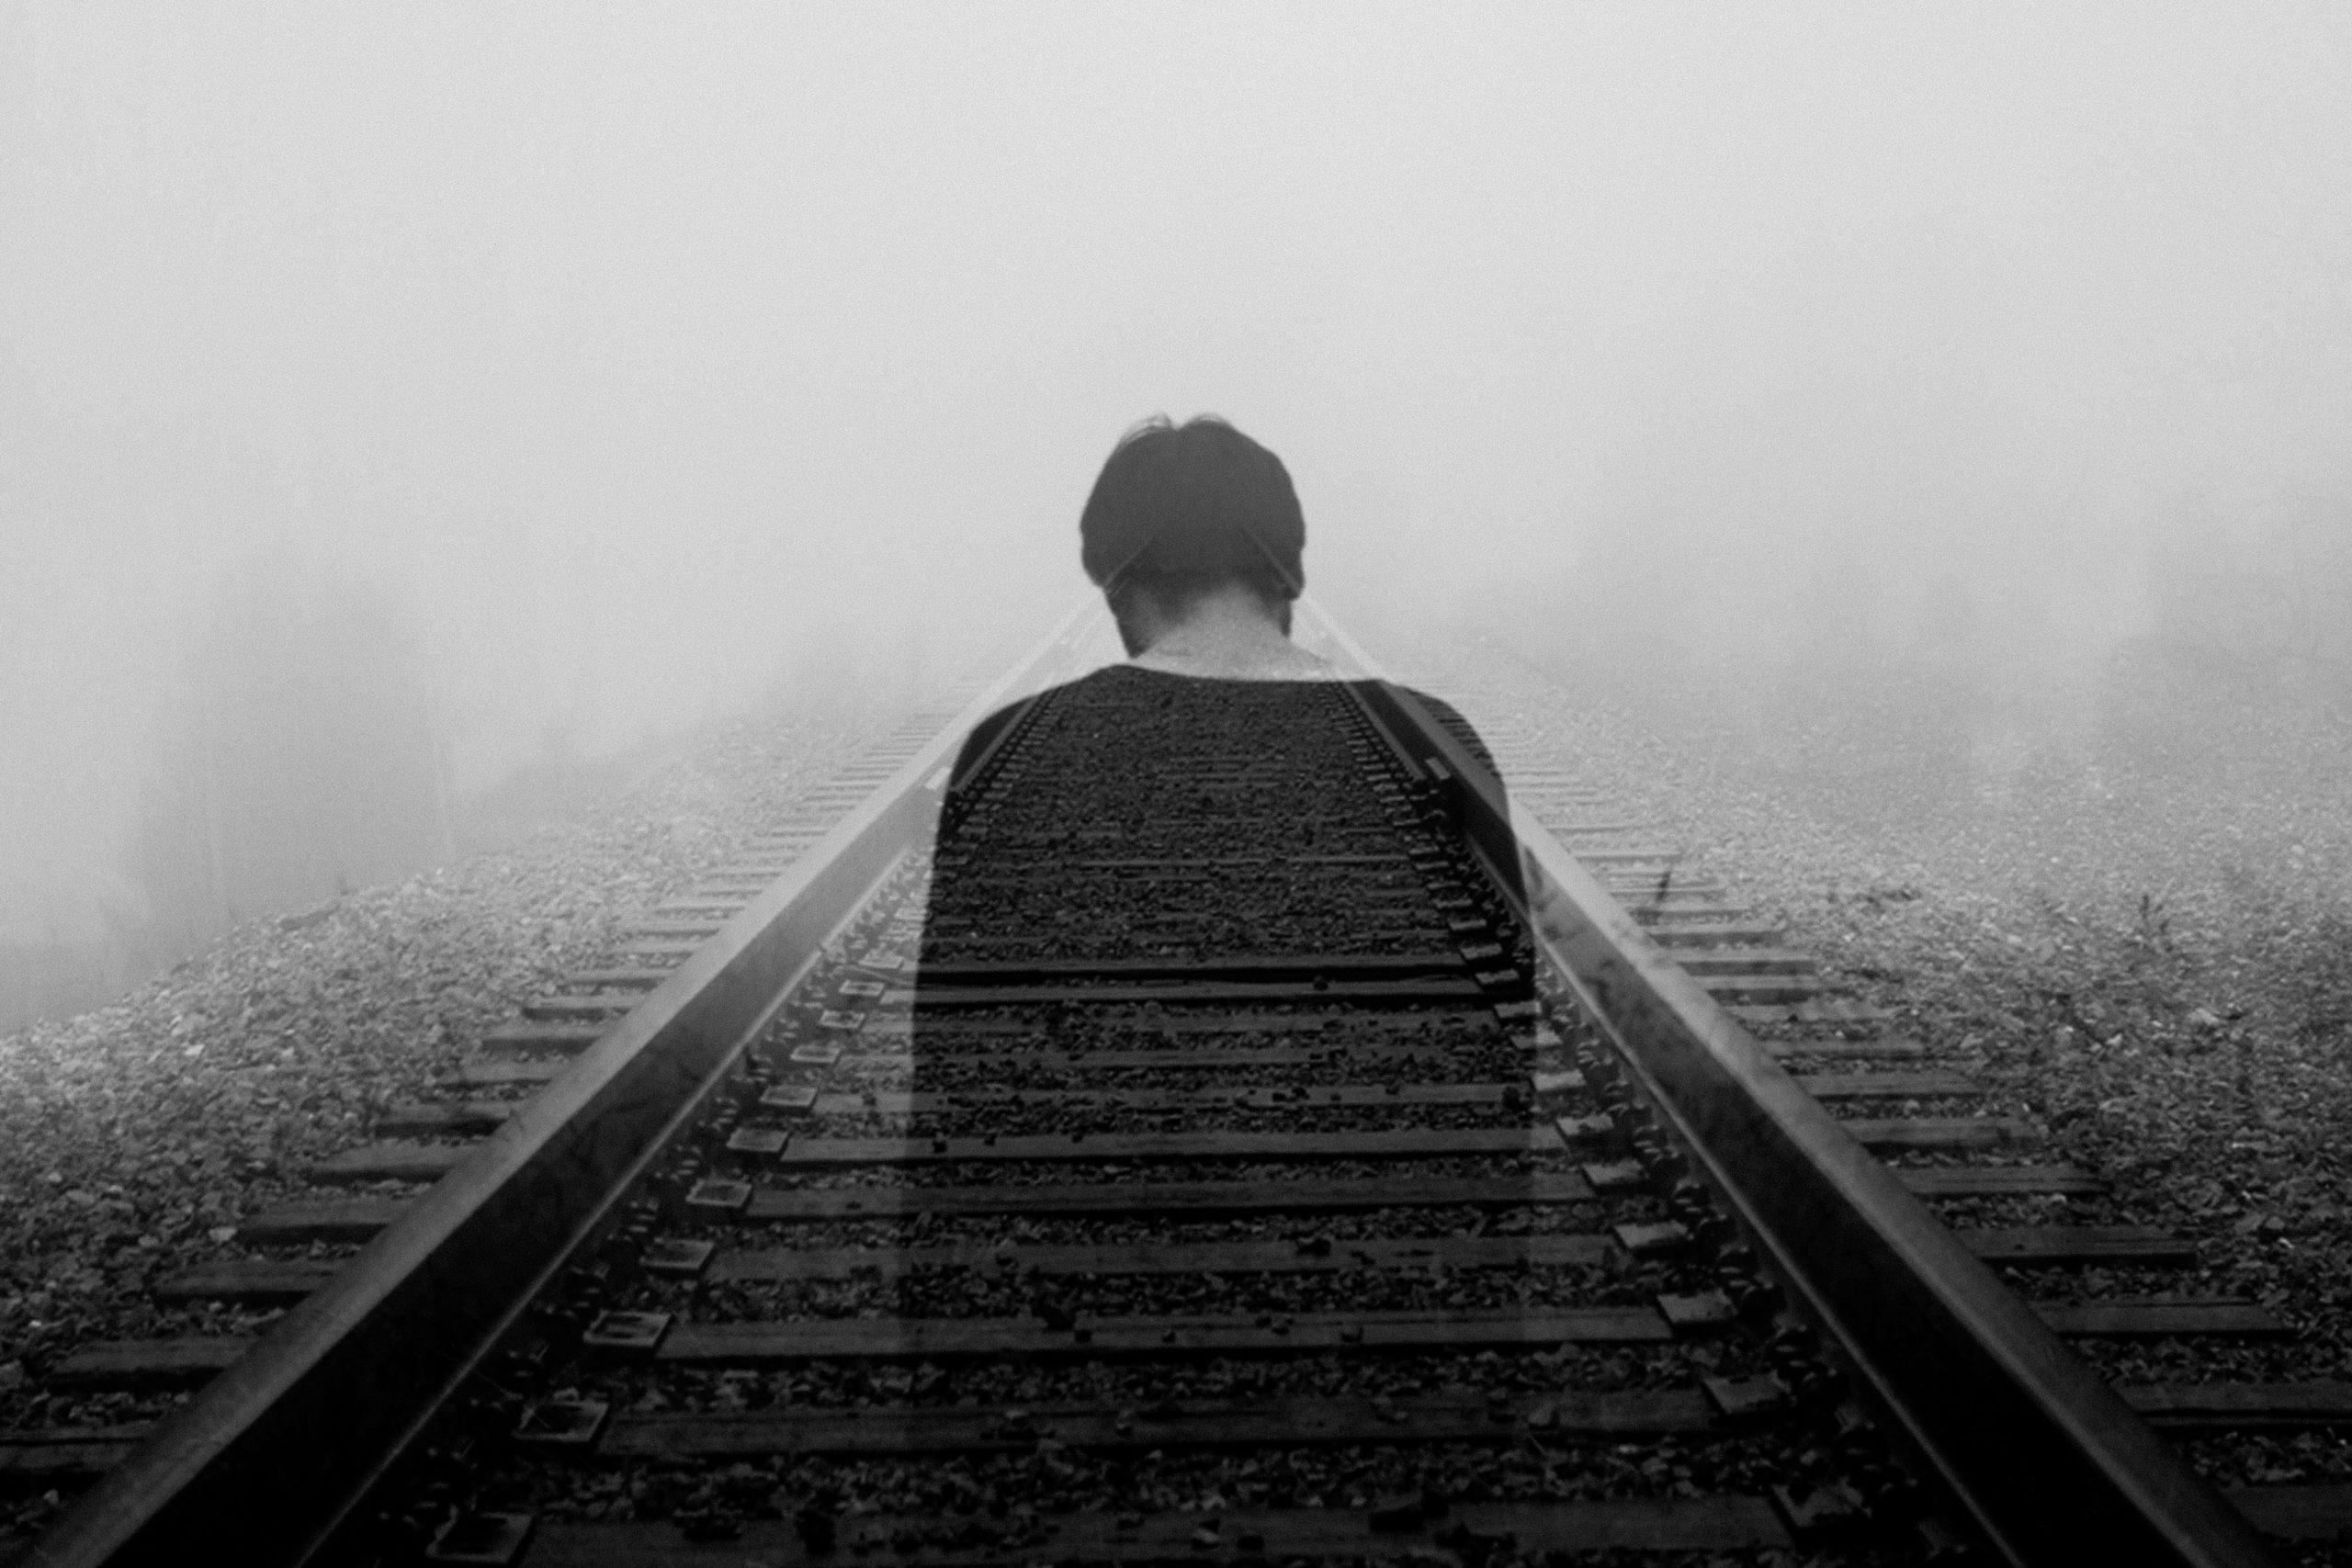 l'isolement et la dépression à cause du harcèlement scolaire